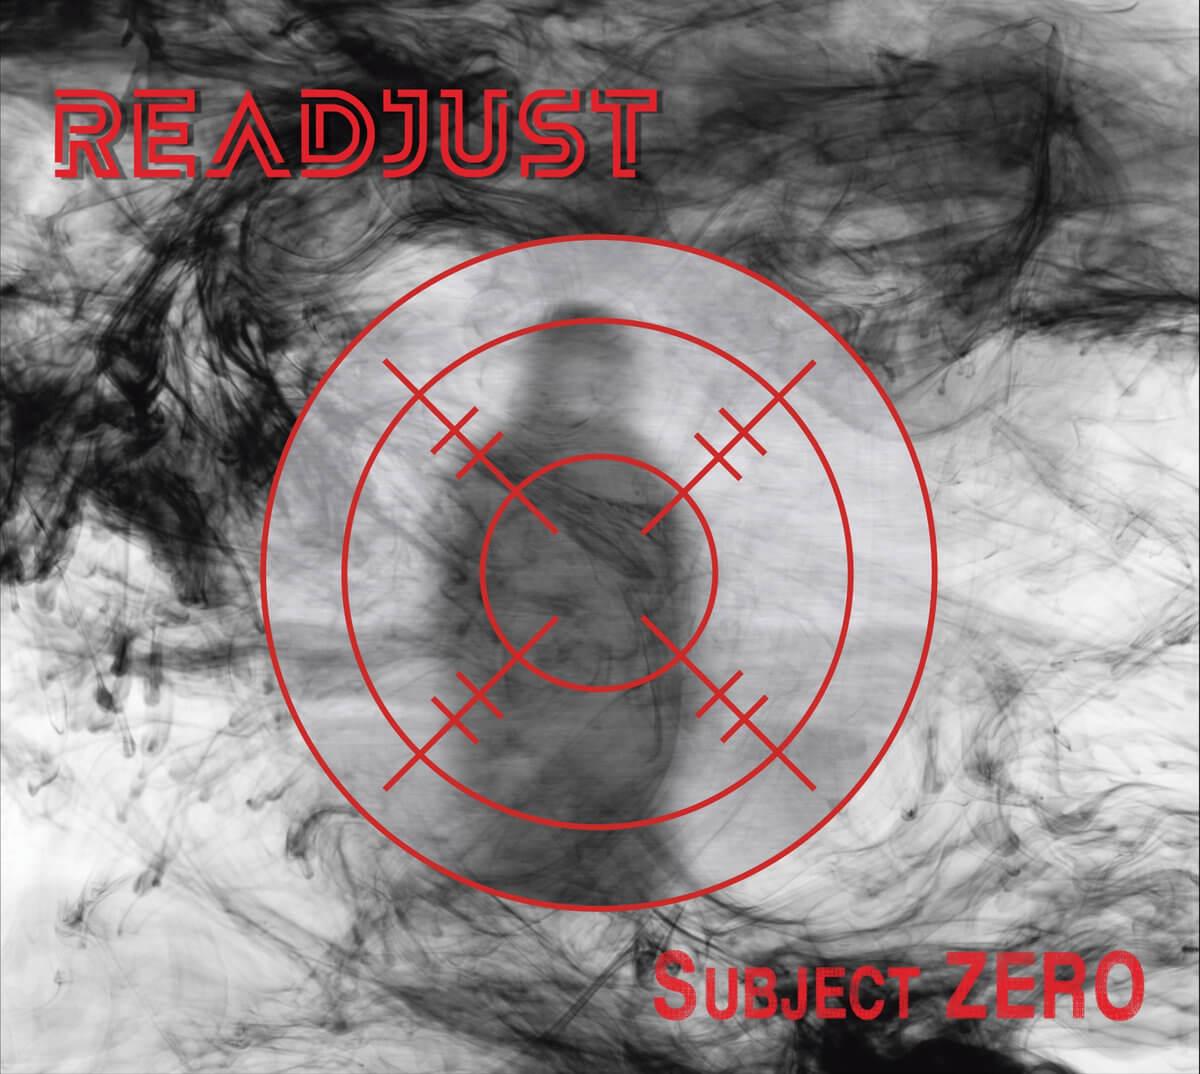 READJUST - Subject Zero